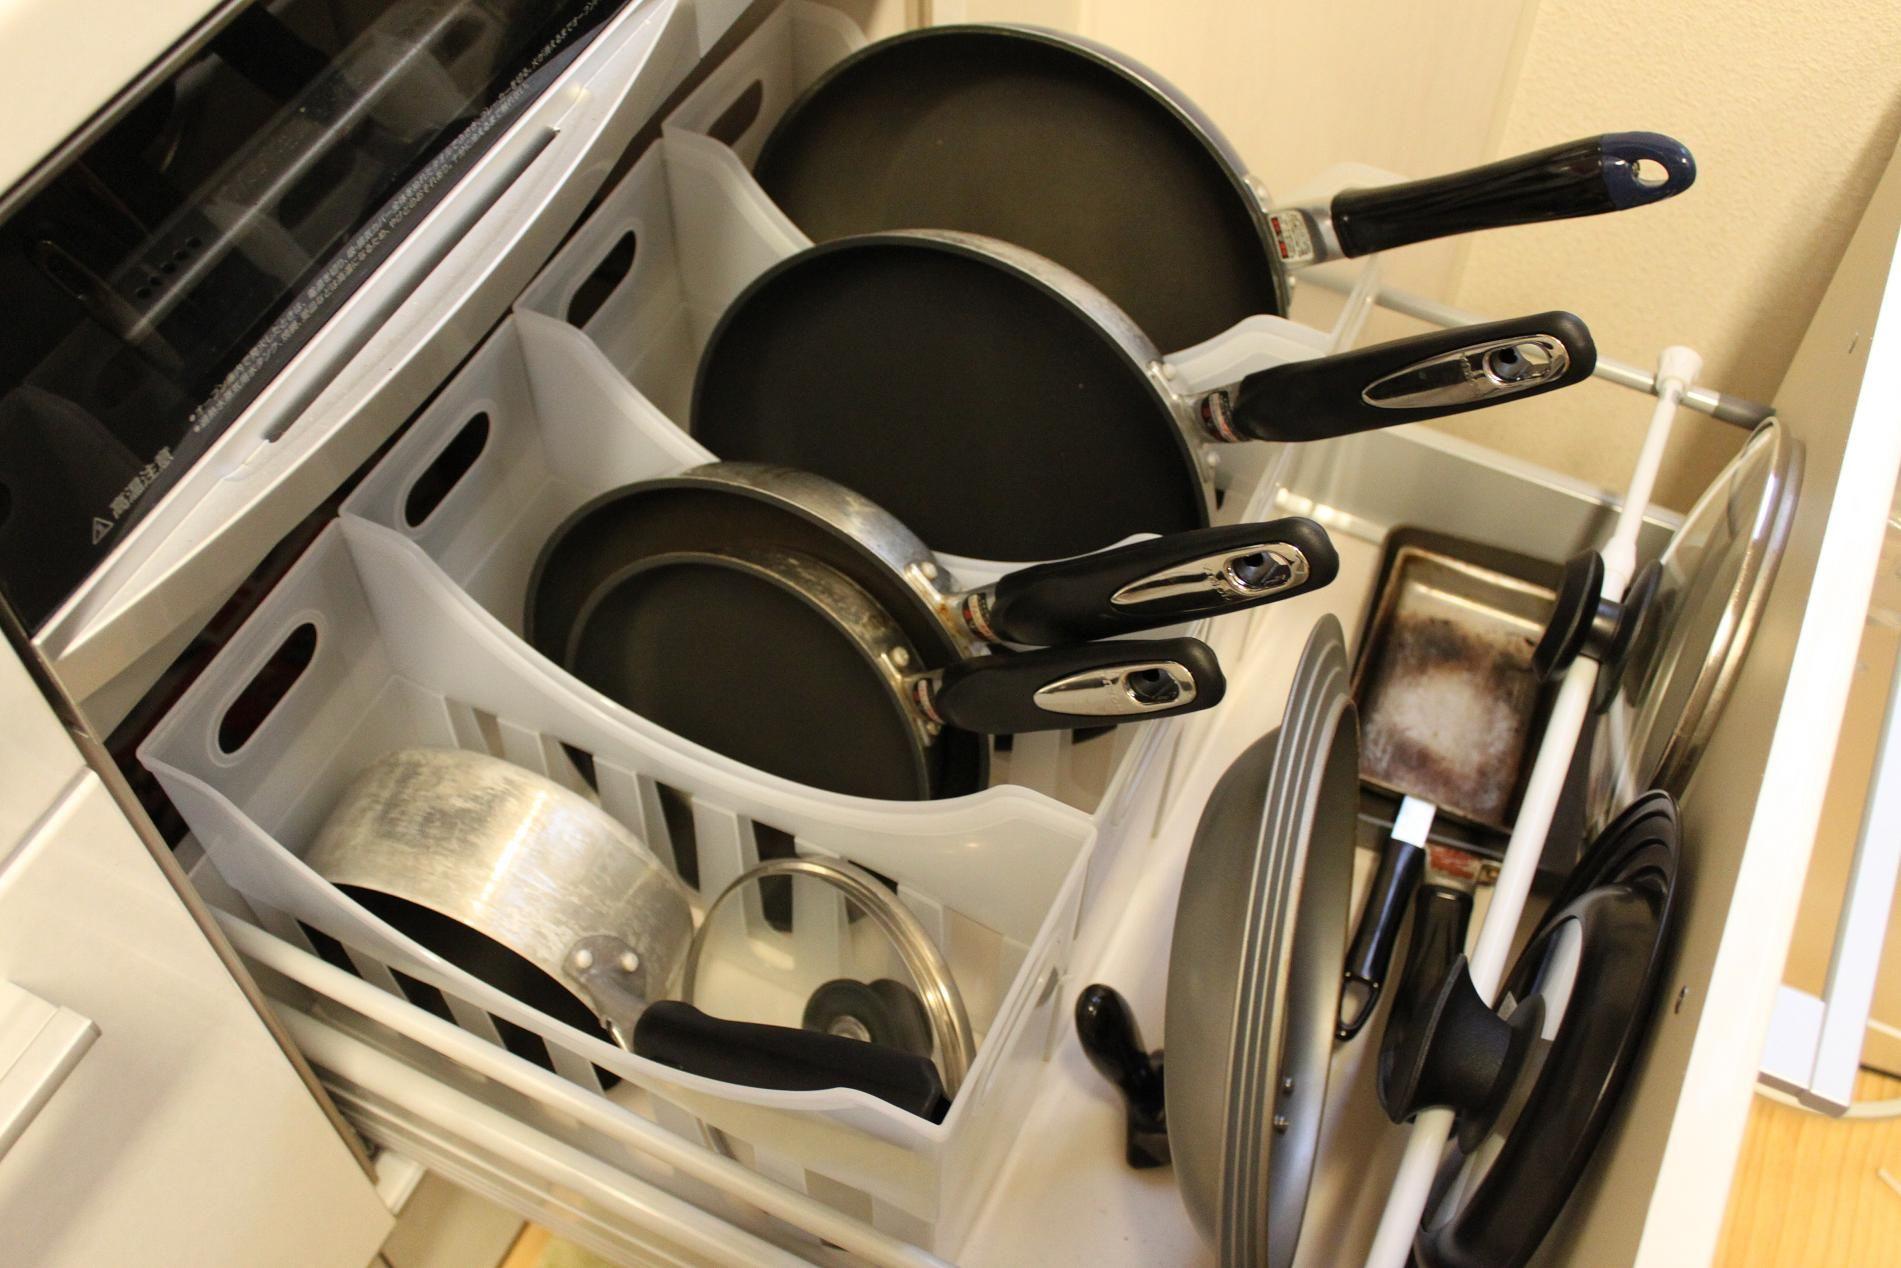 フライパンの収納 キッチン収納術 インテリア 収納 フライパン 収納